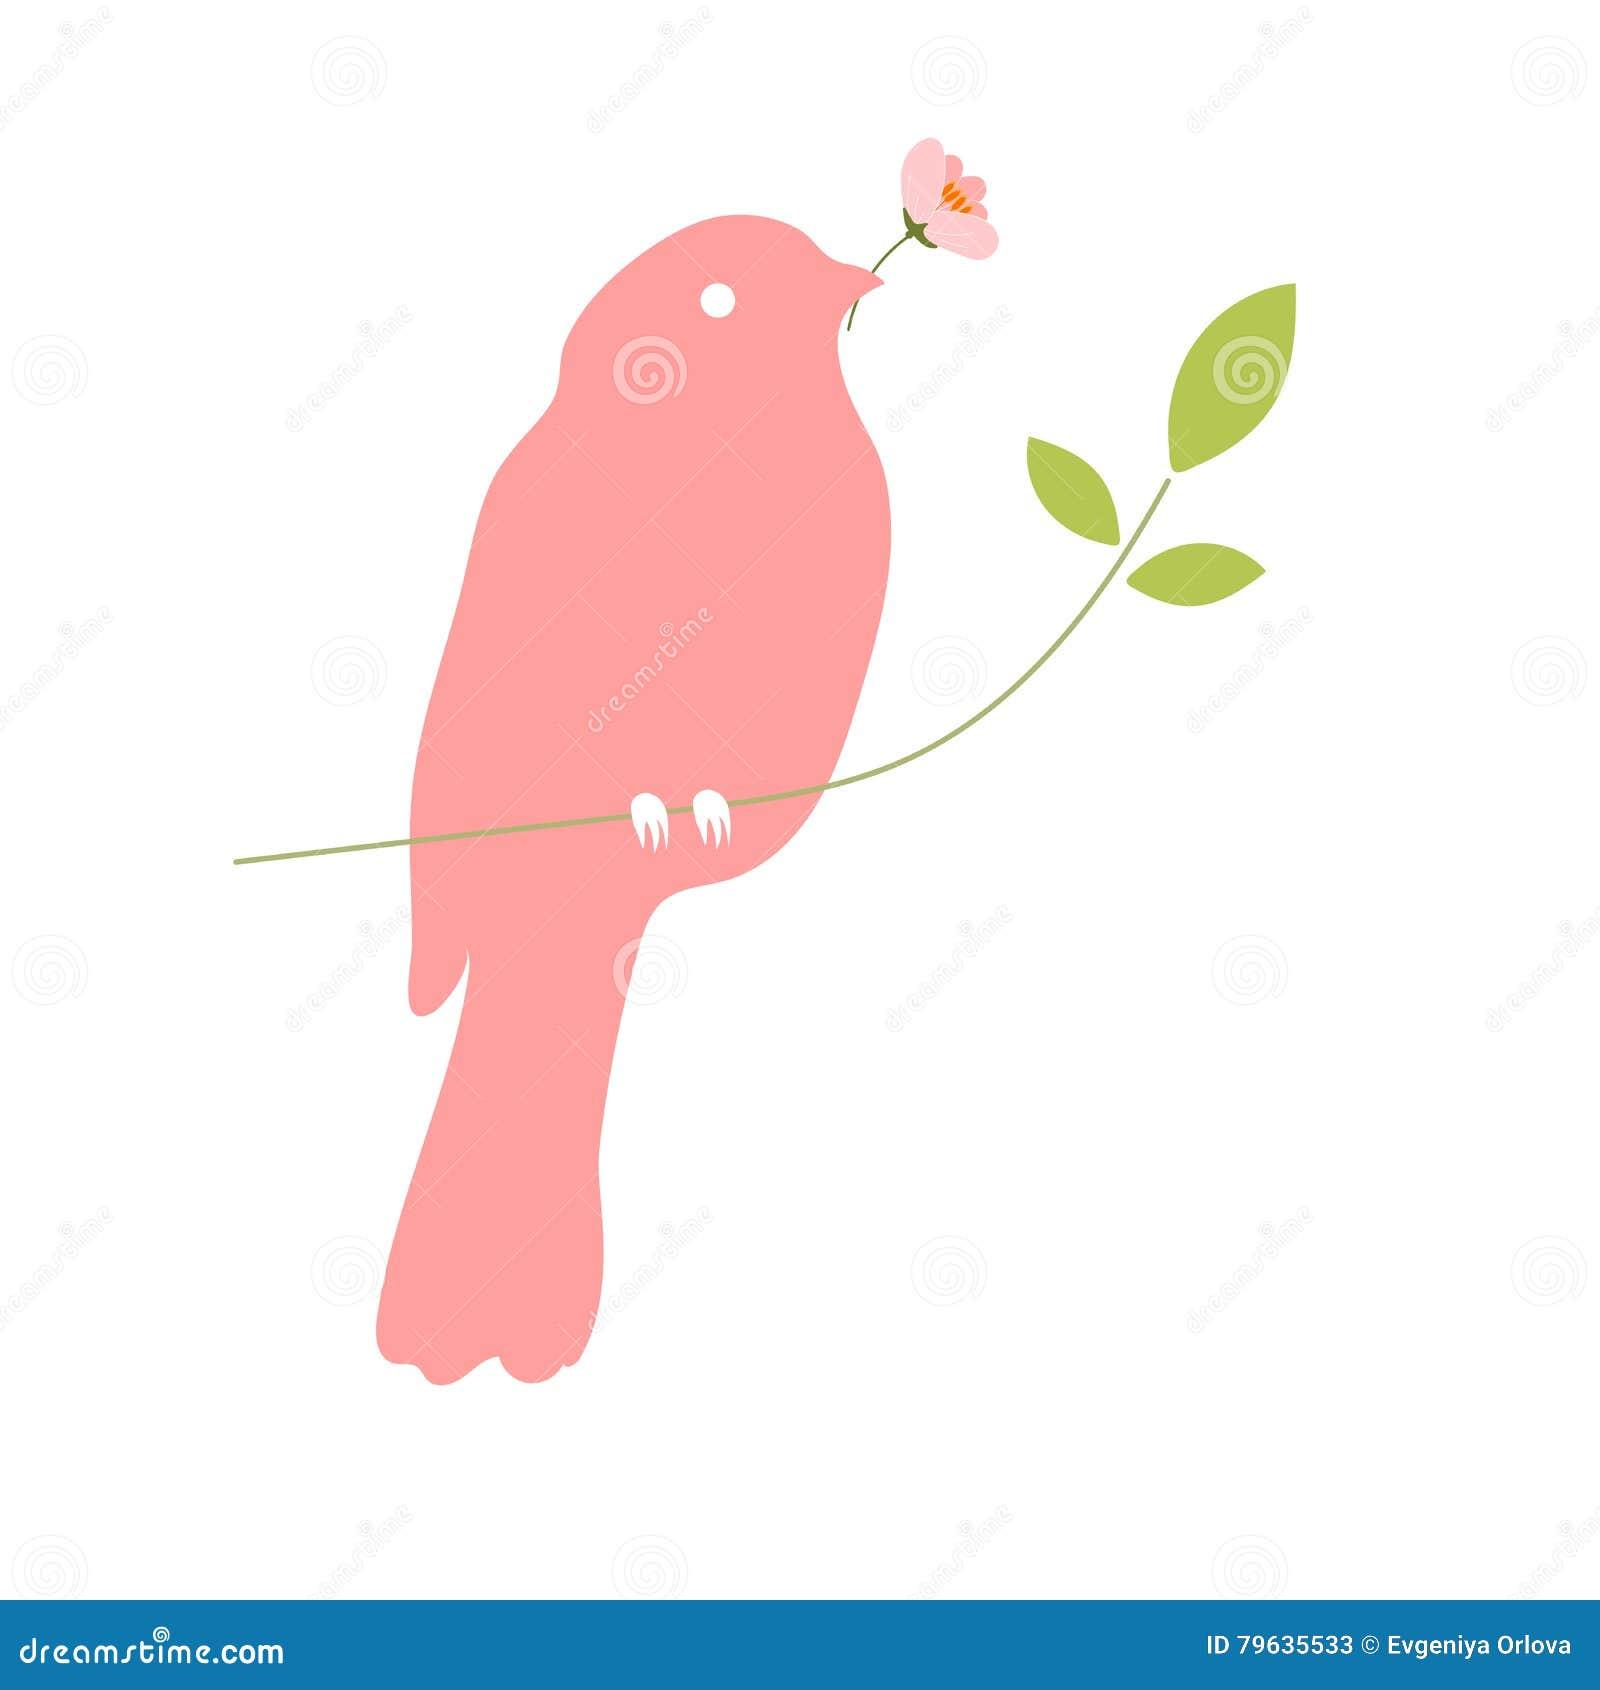 vogel mit blume im schnabel vektor abbildung